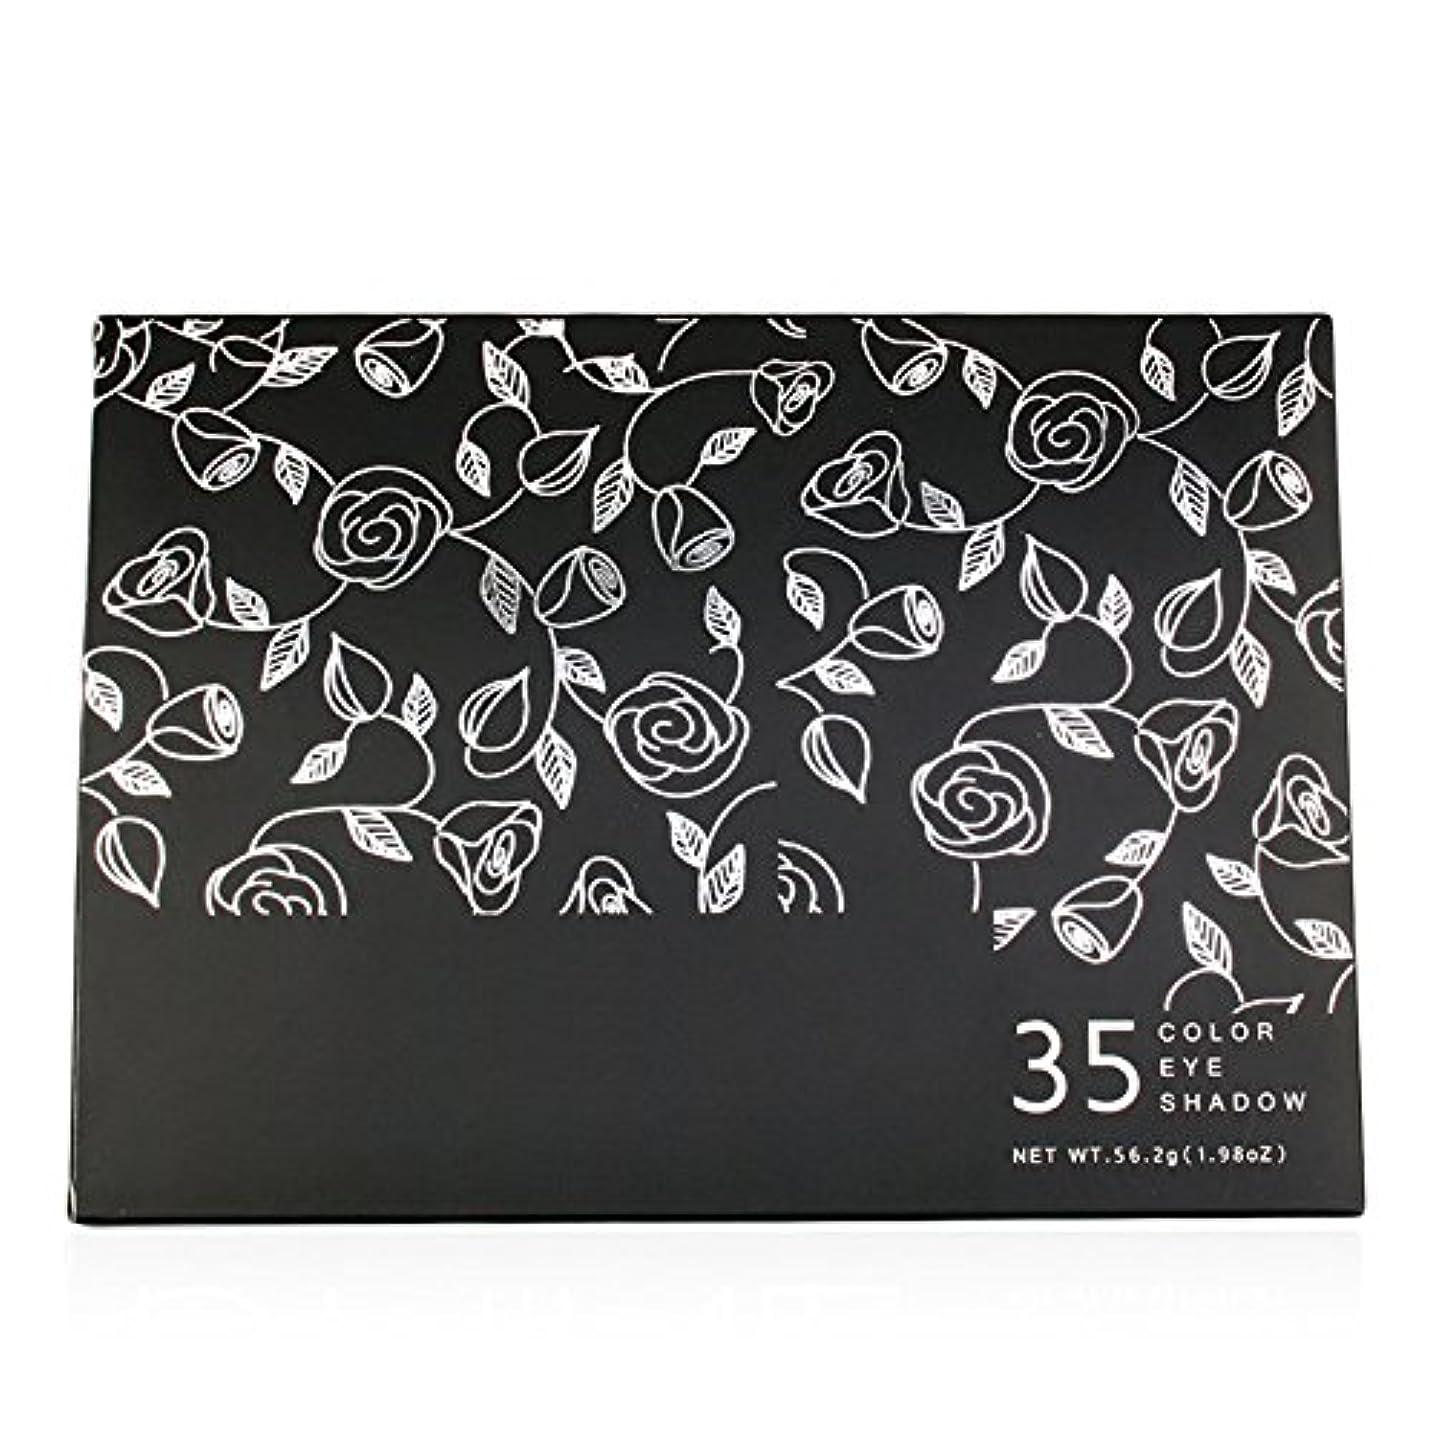 呪い醜いを通してAkane アイシャドウパレット 35HC 魅力的 ファッション 気質的 綺麗 花柄 高級 マット チャーム 長持ち つや消し おしゃれ 持ち便利 Eye Shadow (35色)